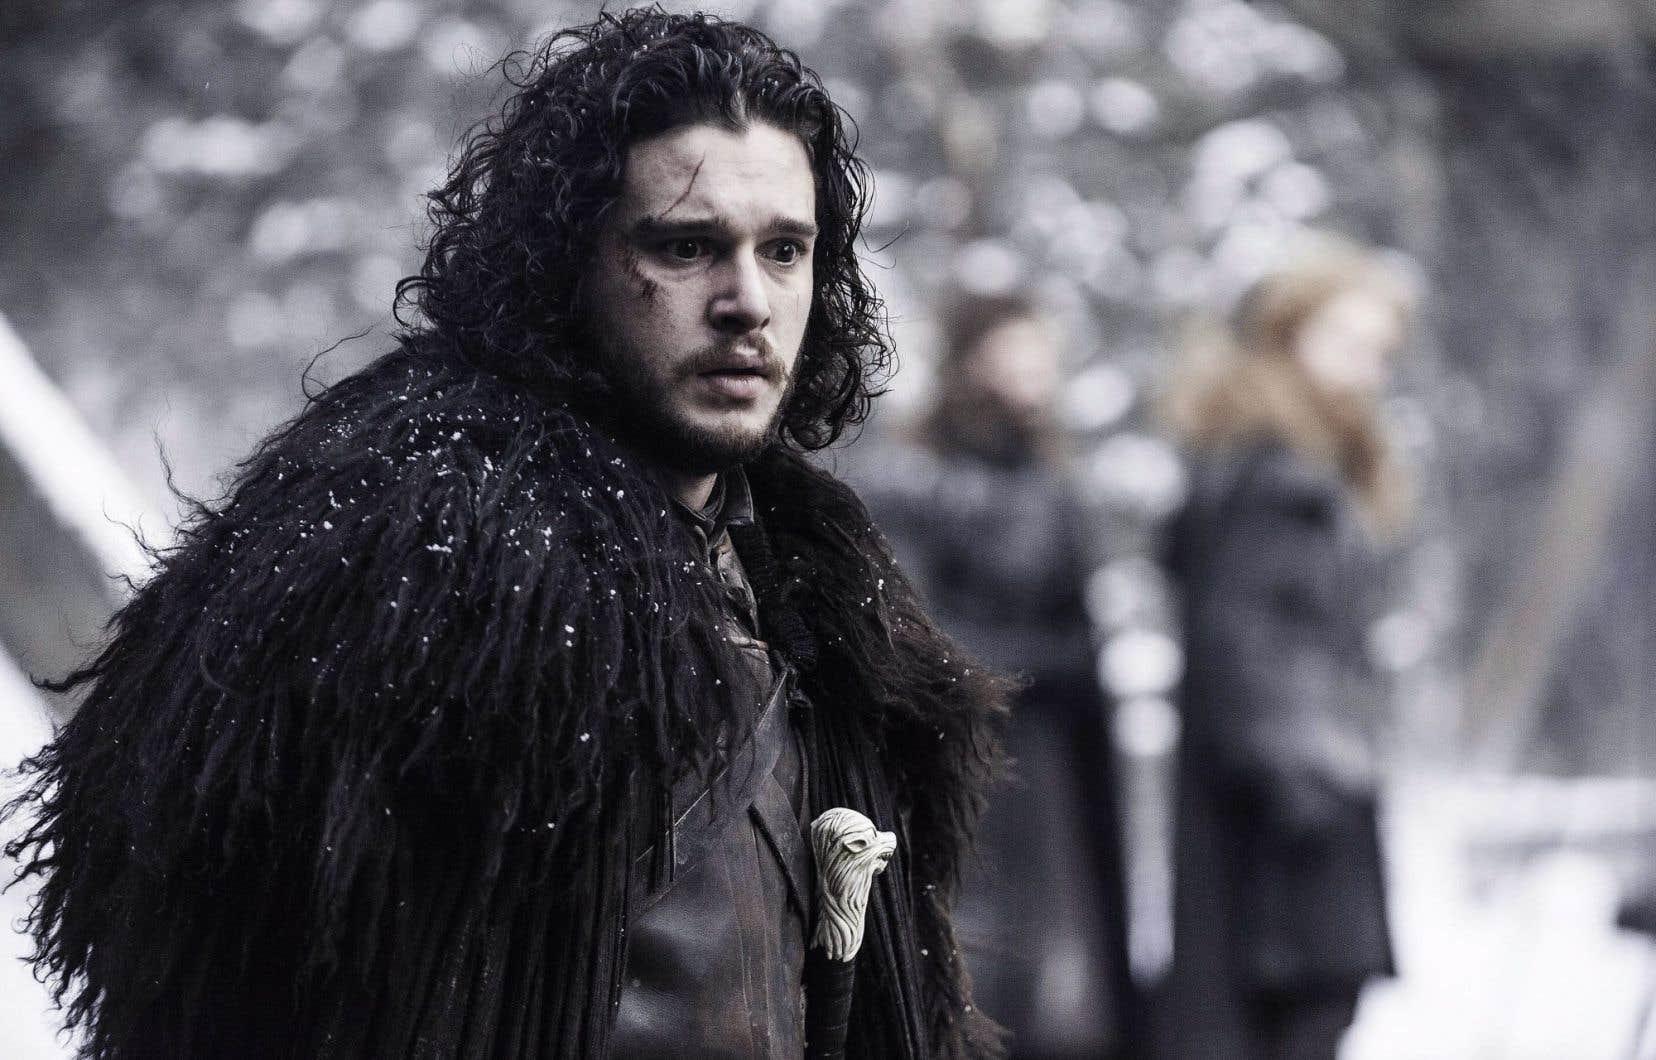 Les péripéties épiques de Jon Snow et autres prétendants au trône de fer tiennent en haleine des millions de téléspectateurs.